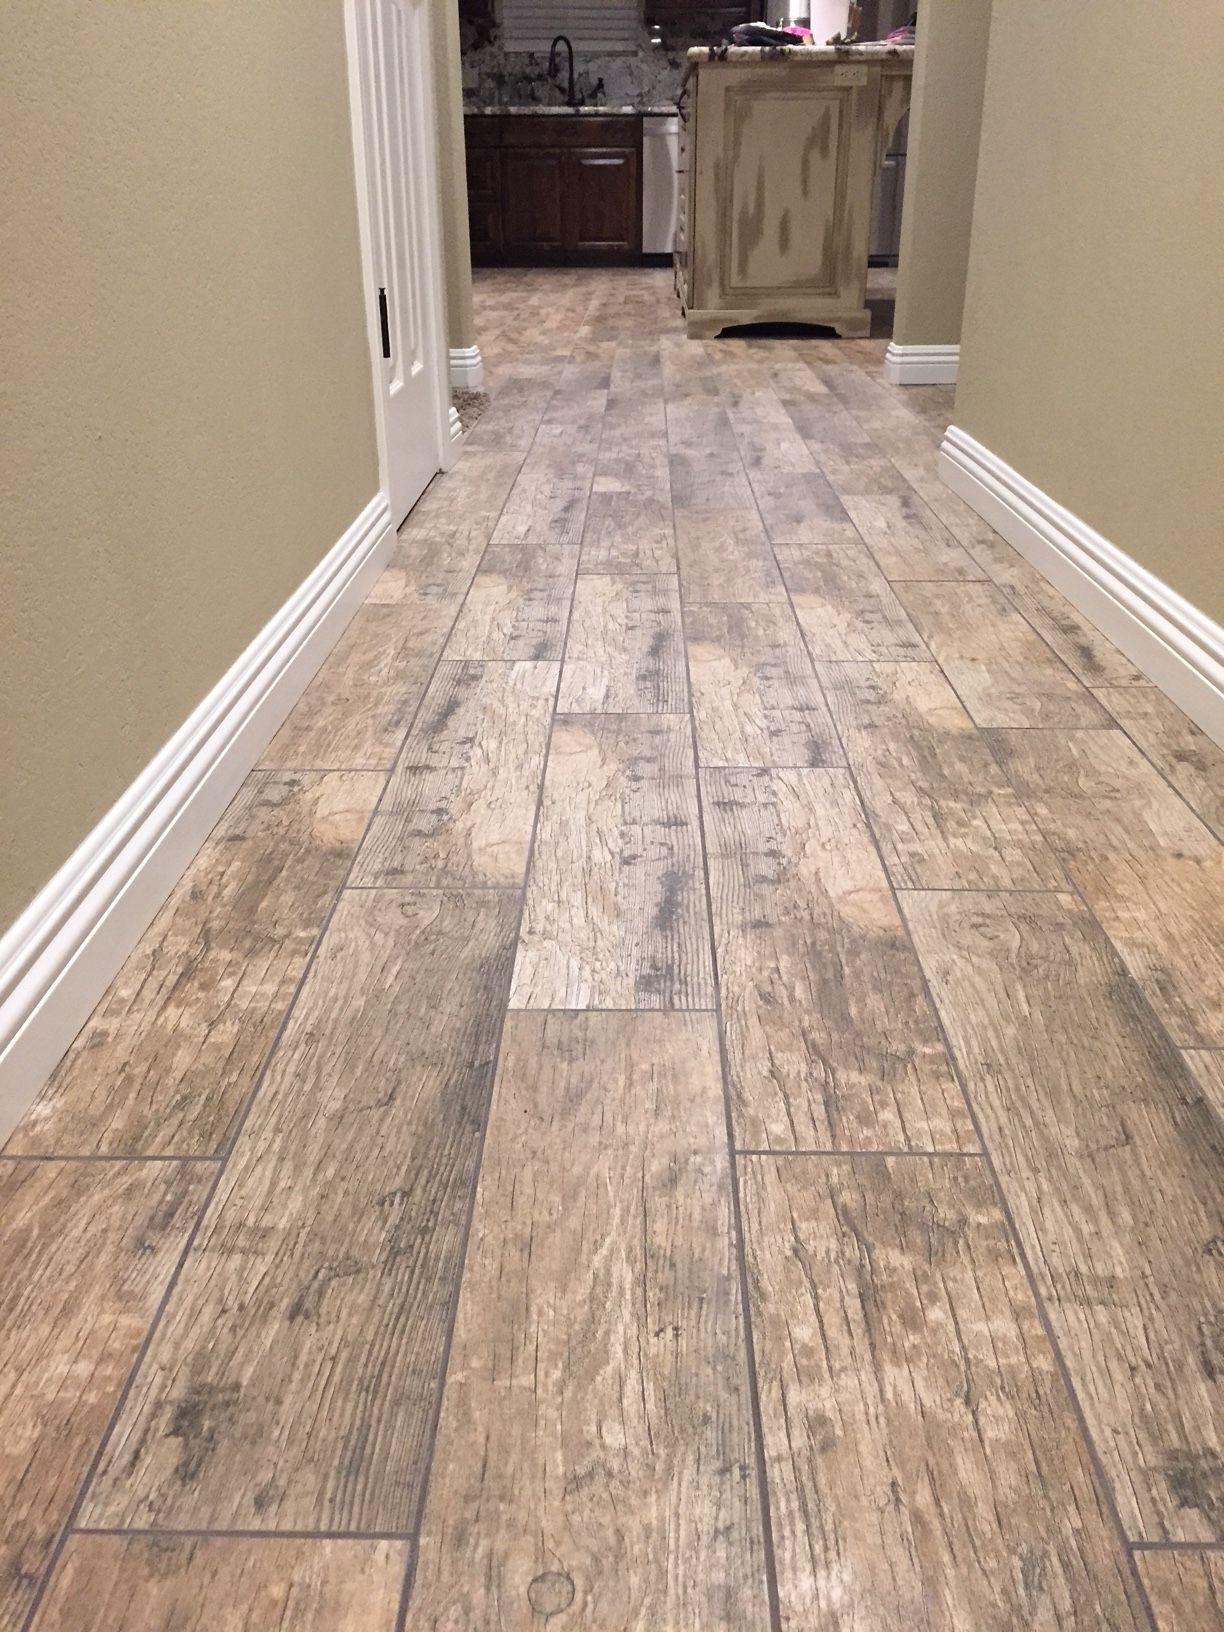 Cabot Porcelain Tile Redwood Series Wood tile floors